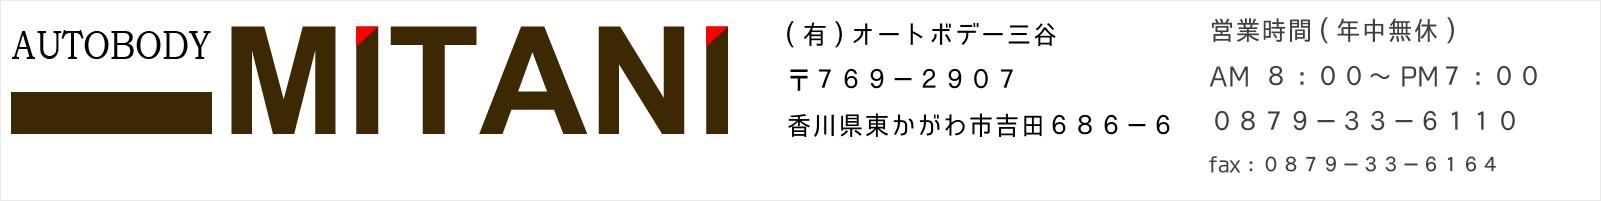 (有)オートボデー三谷